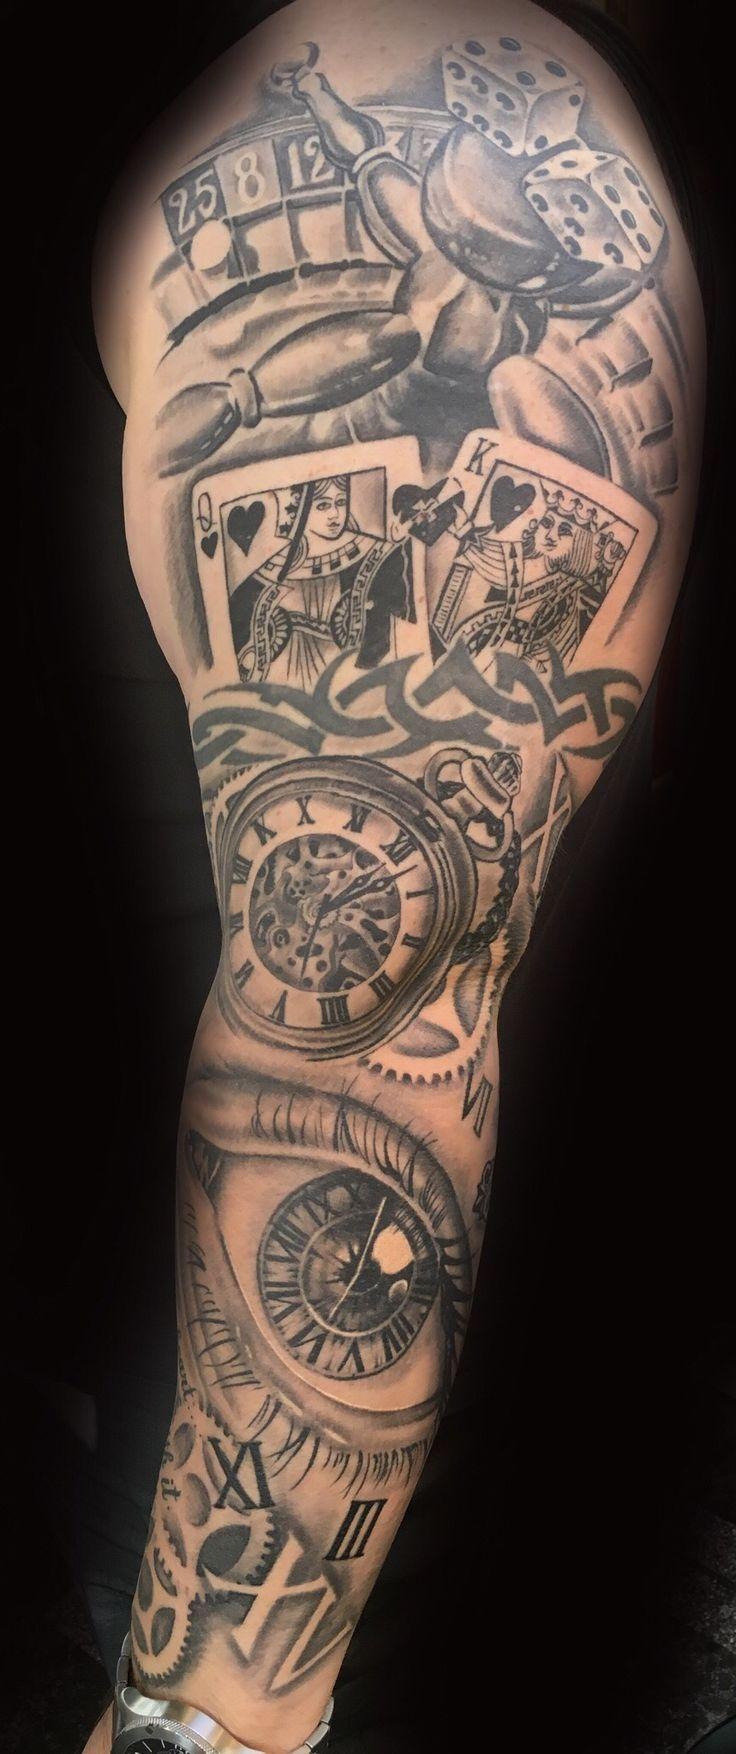 Casino Tattoo In 2020 Poker Tattoo Vegas Tattoo Casino Tattoo